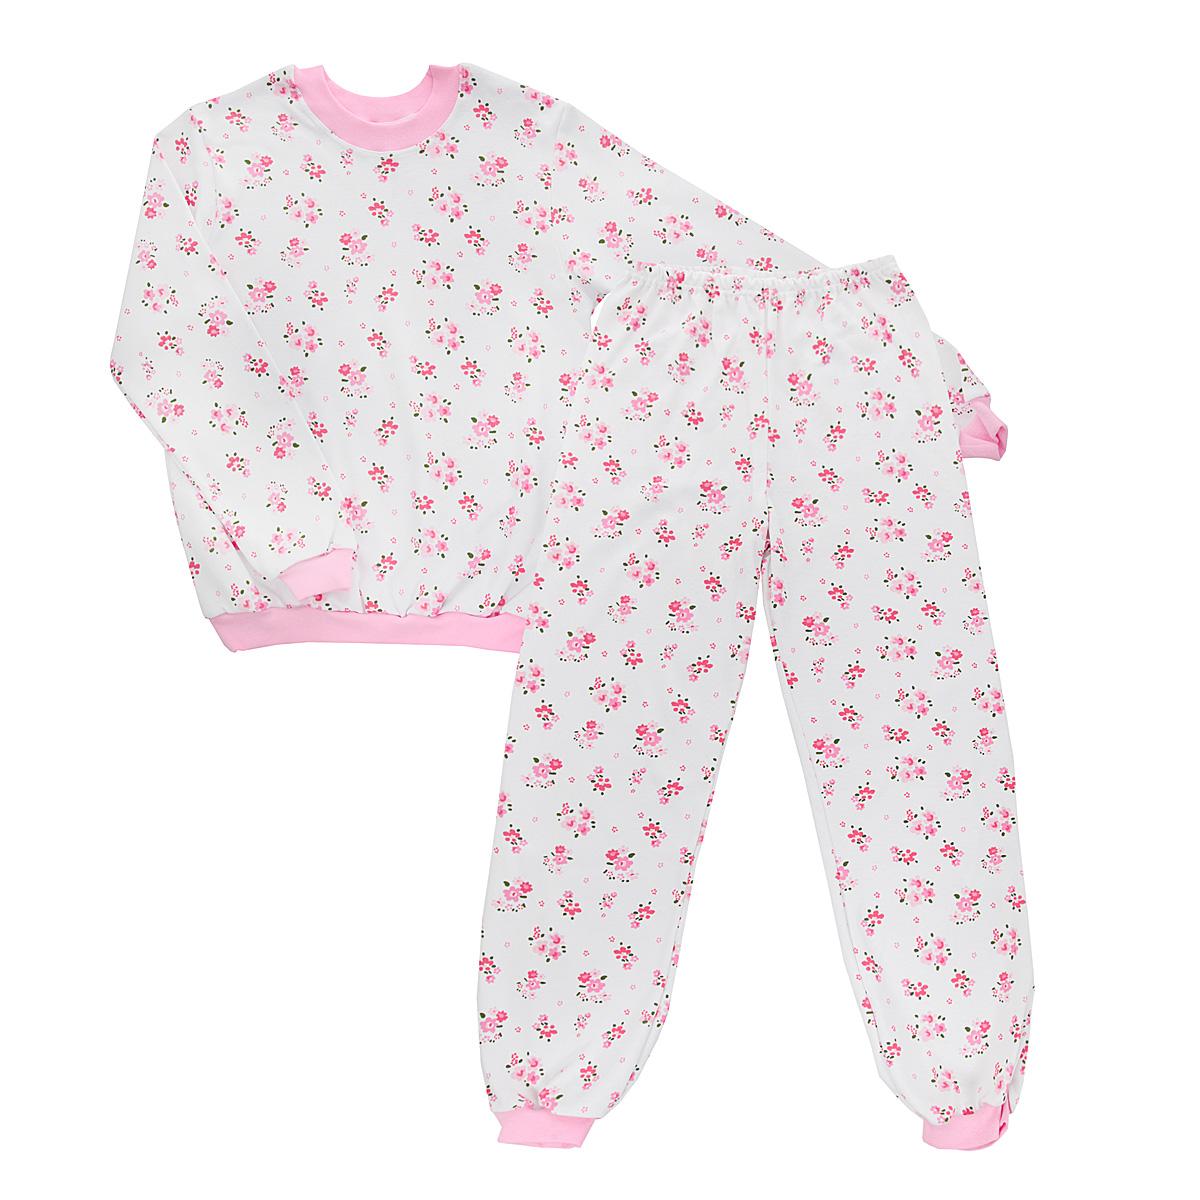 Пижама для девочки Трон-плюс, цвет: белый, розовый. 5555_цветы. Размер 134/140, 9-12 лет5555_цветыУютная пижама для девочки Трон-плюс, состоящая из джемпера и брюк, идеально подойдет вашему ребенку и станет отличным дополнением к детскому гардеробу. Изготовленная из натурального хлопка, она необычайно мягкая и легкая, не сковывает движения, позволяет коже дышать и не раздражает даже самую нежную и чувствительную кожу ребенка. Джемпер с длинными рукавами имеет круглый вырез горловины. Низ изделия, рукава и вырез горловины дополнены широкой трикотажной резинкой контрастного цвета.Брюки на талии имеют эластичную резинку, благодаря чему не сдавливают живот ребенка и не сползают. Низ брючин дополнен широкими эластичными манжетами контрастного цвета.Оформлено изделие ненавязчивым цветочным принтом. В такой пижаме ваша дочурка будет чувствовать себя комфортно и уютно во время сна.